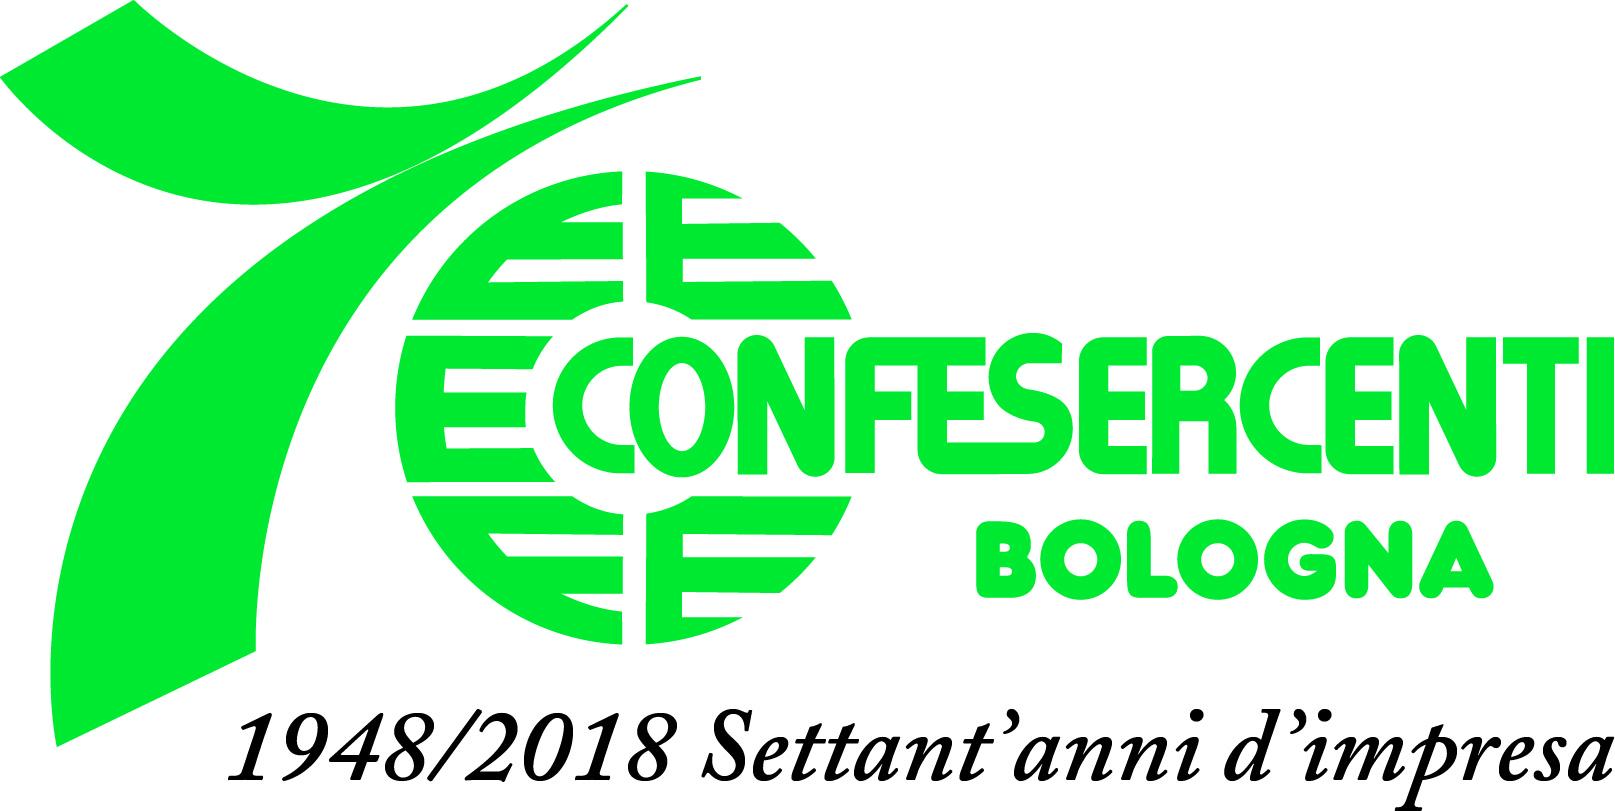 Confesercenti Bologna